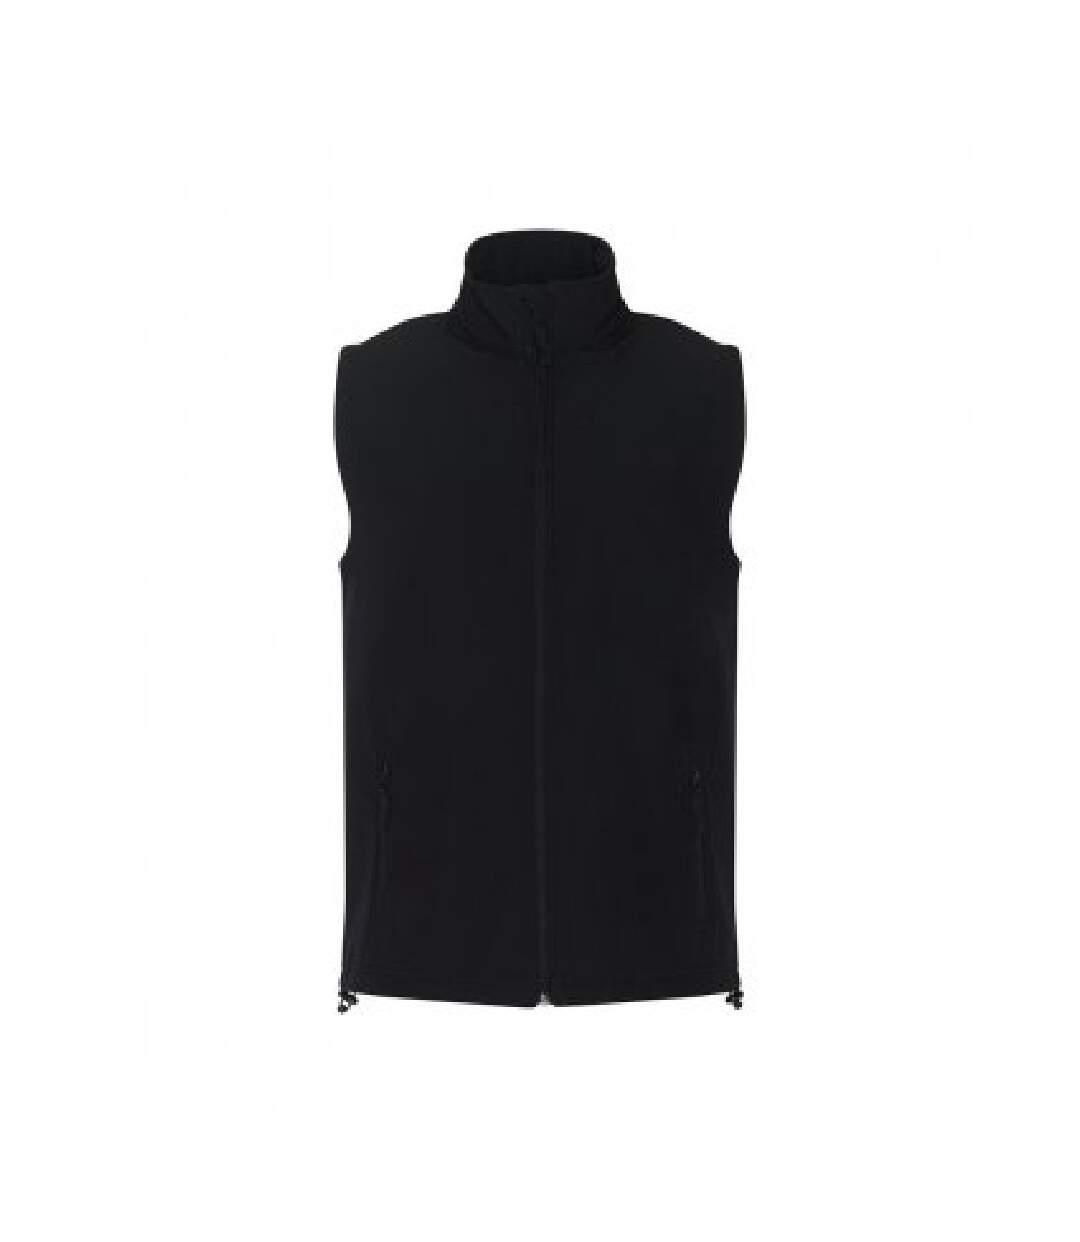 Pro Rtx - Veste Sans Manches En Softshell Pro - Homme (Noir) - UTPC3251